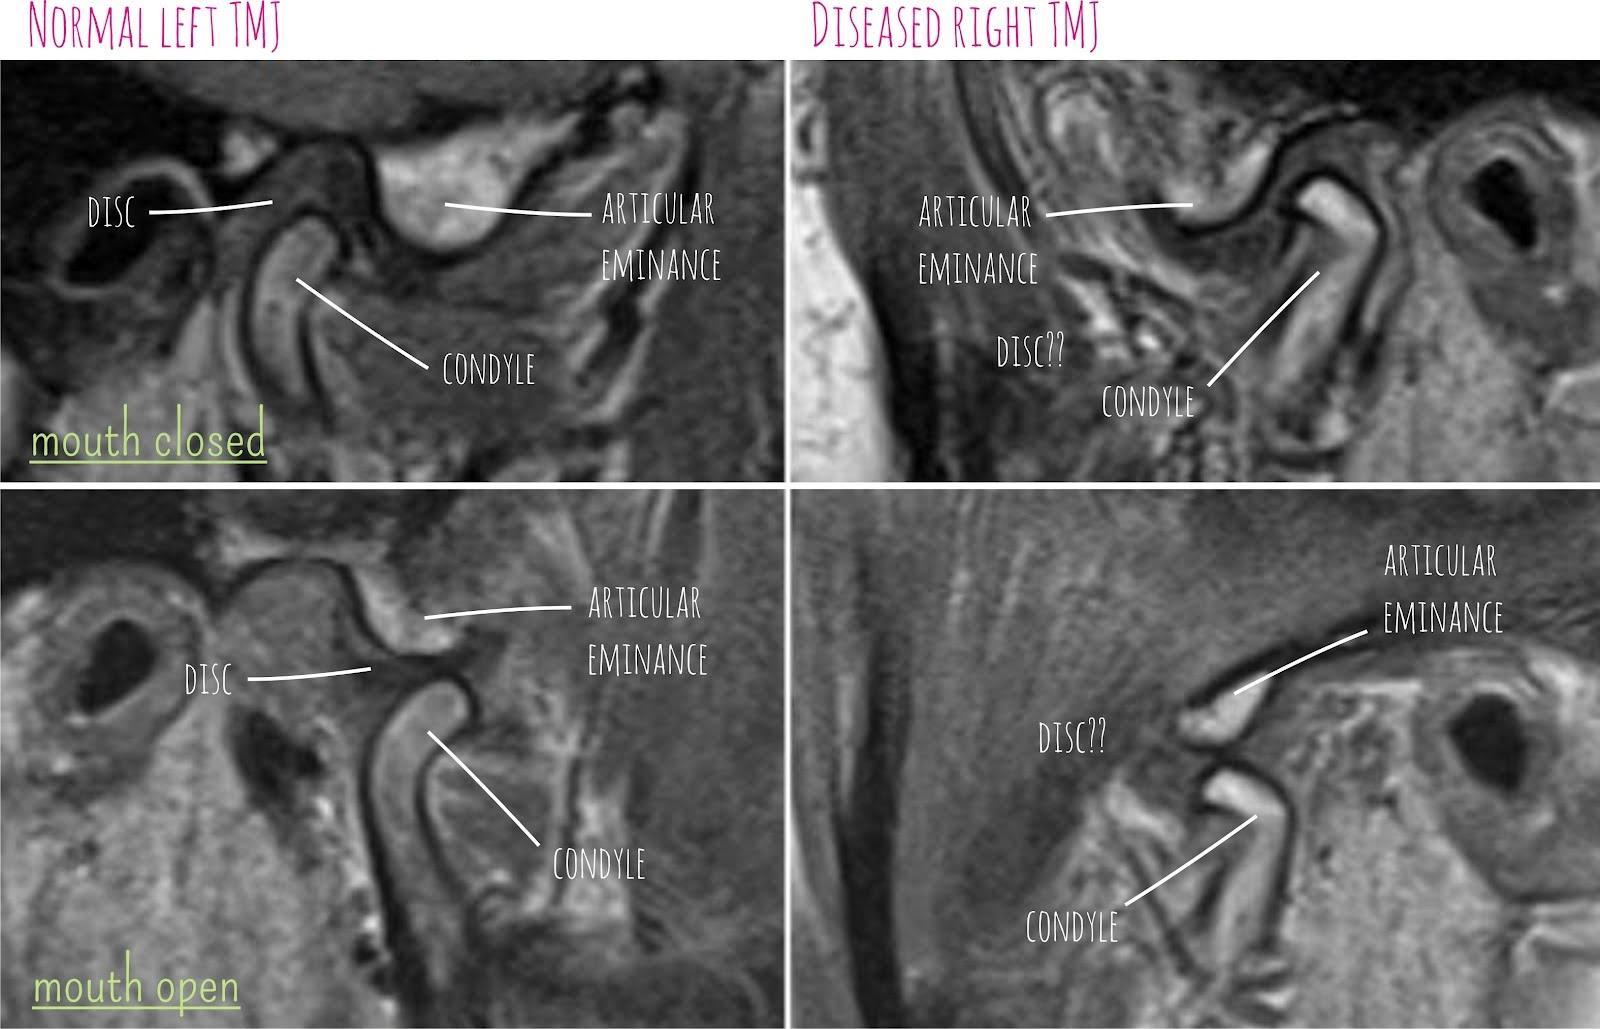 Radiology Anatomy Images : 2014